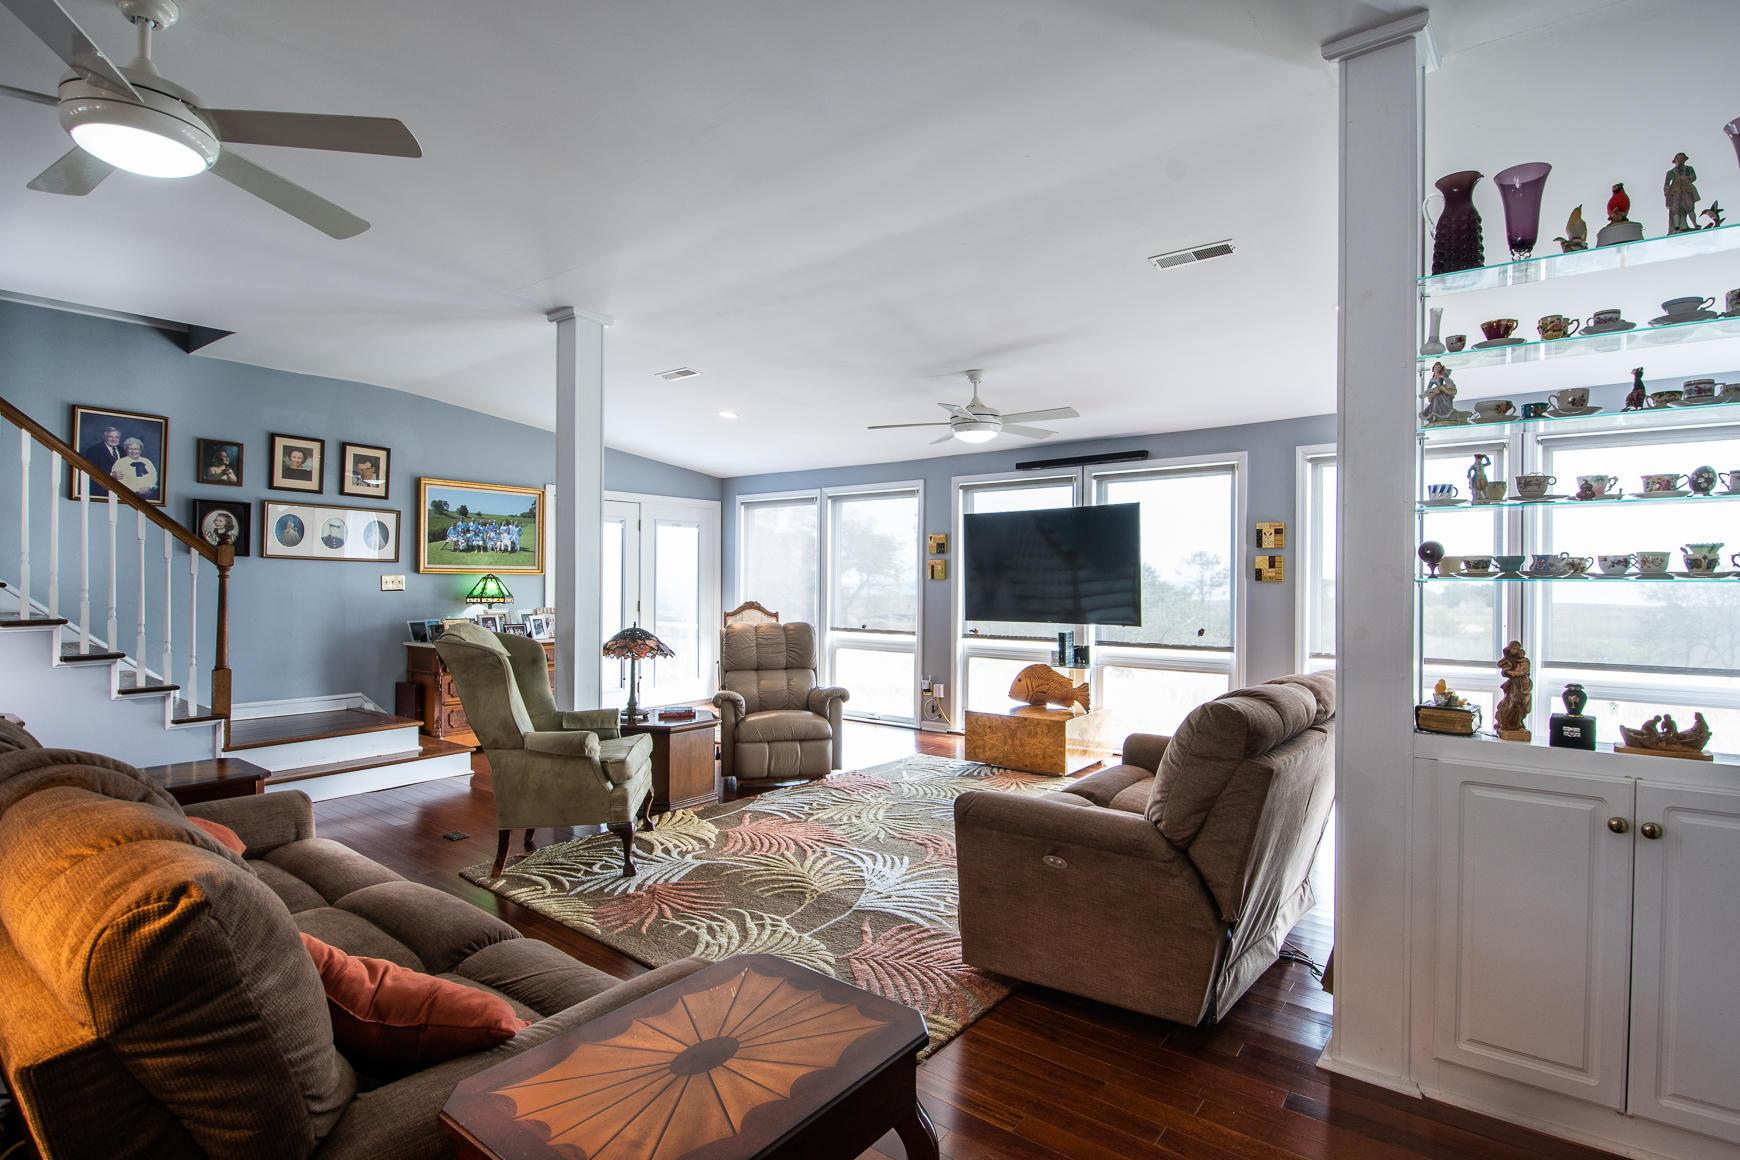 Copahee View Homes For Sale - 1464 Lieben, Mount Pleasant, SC - 5